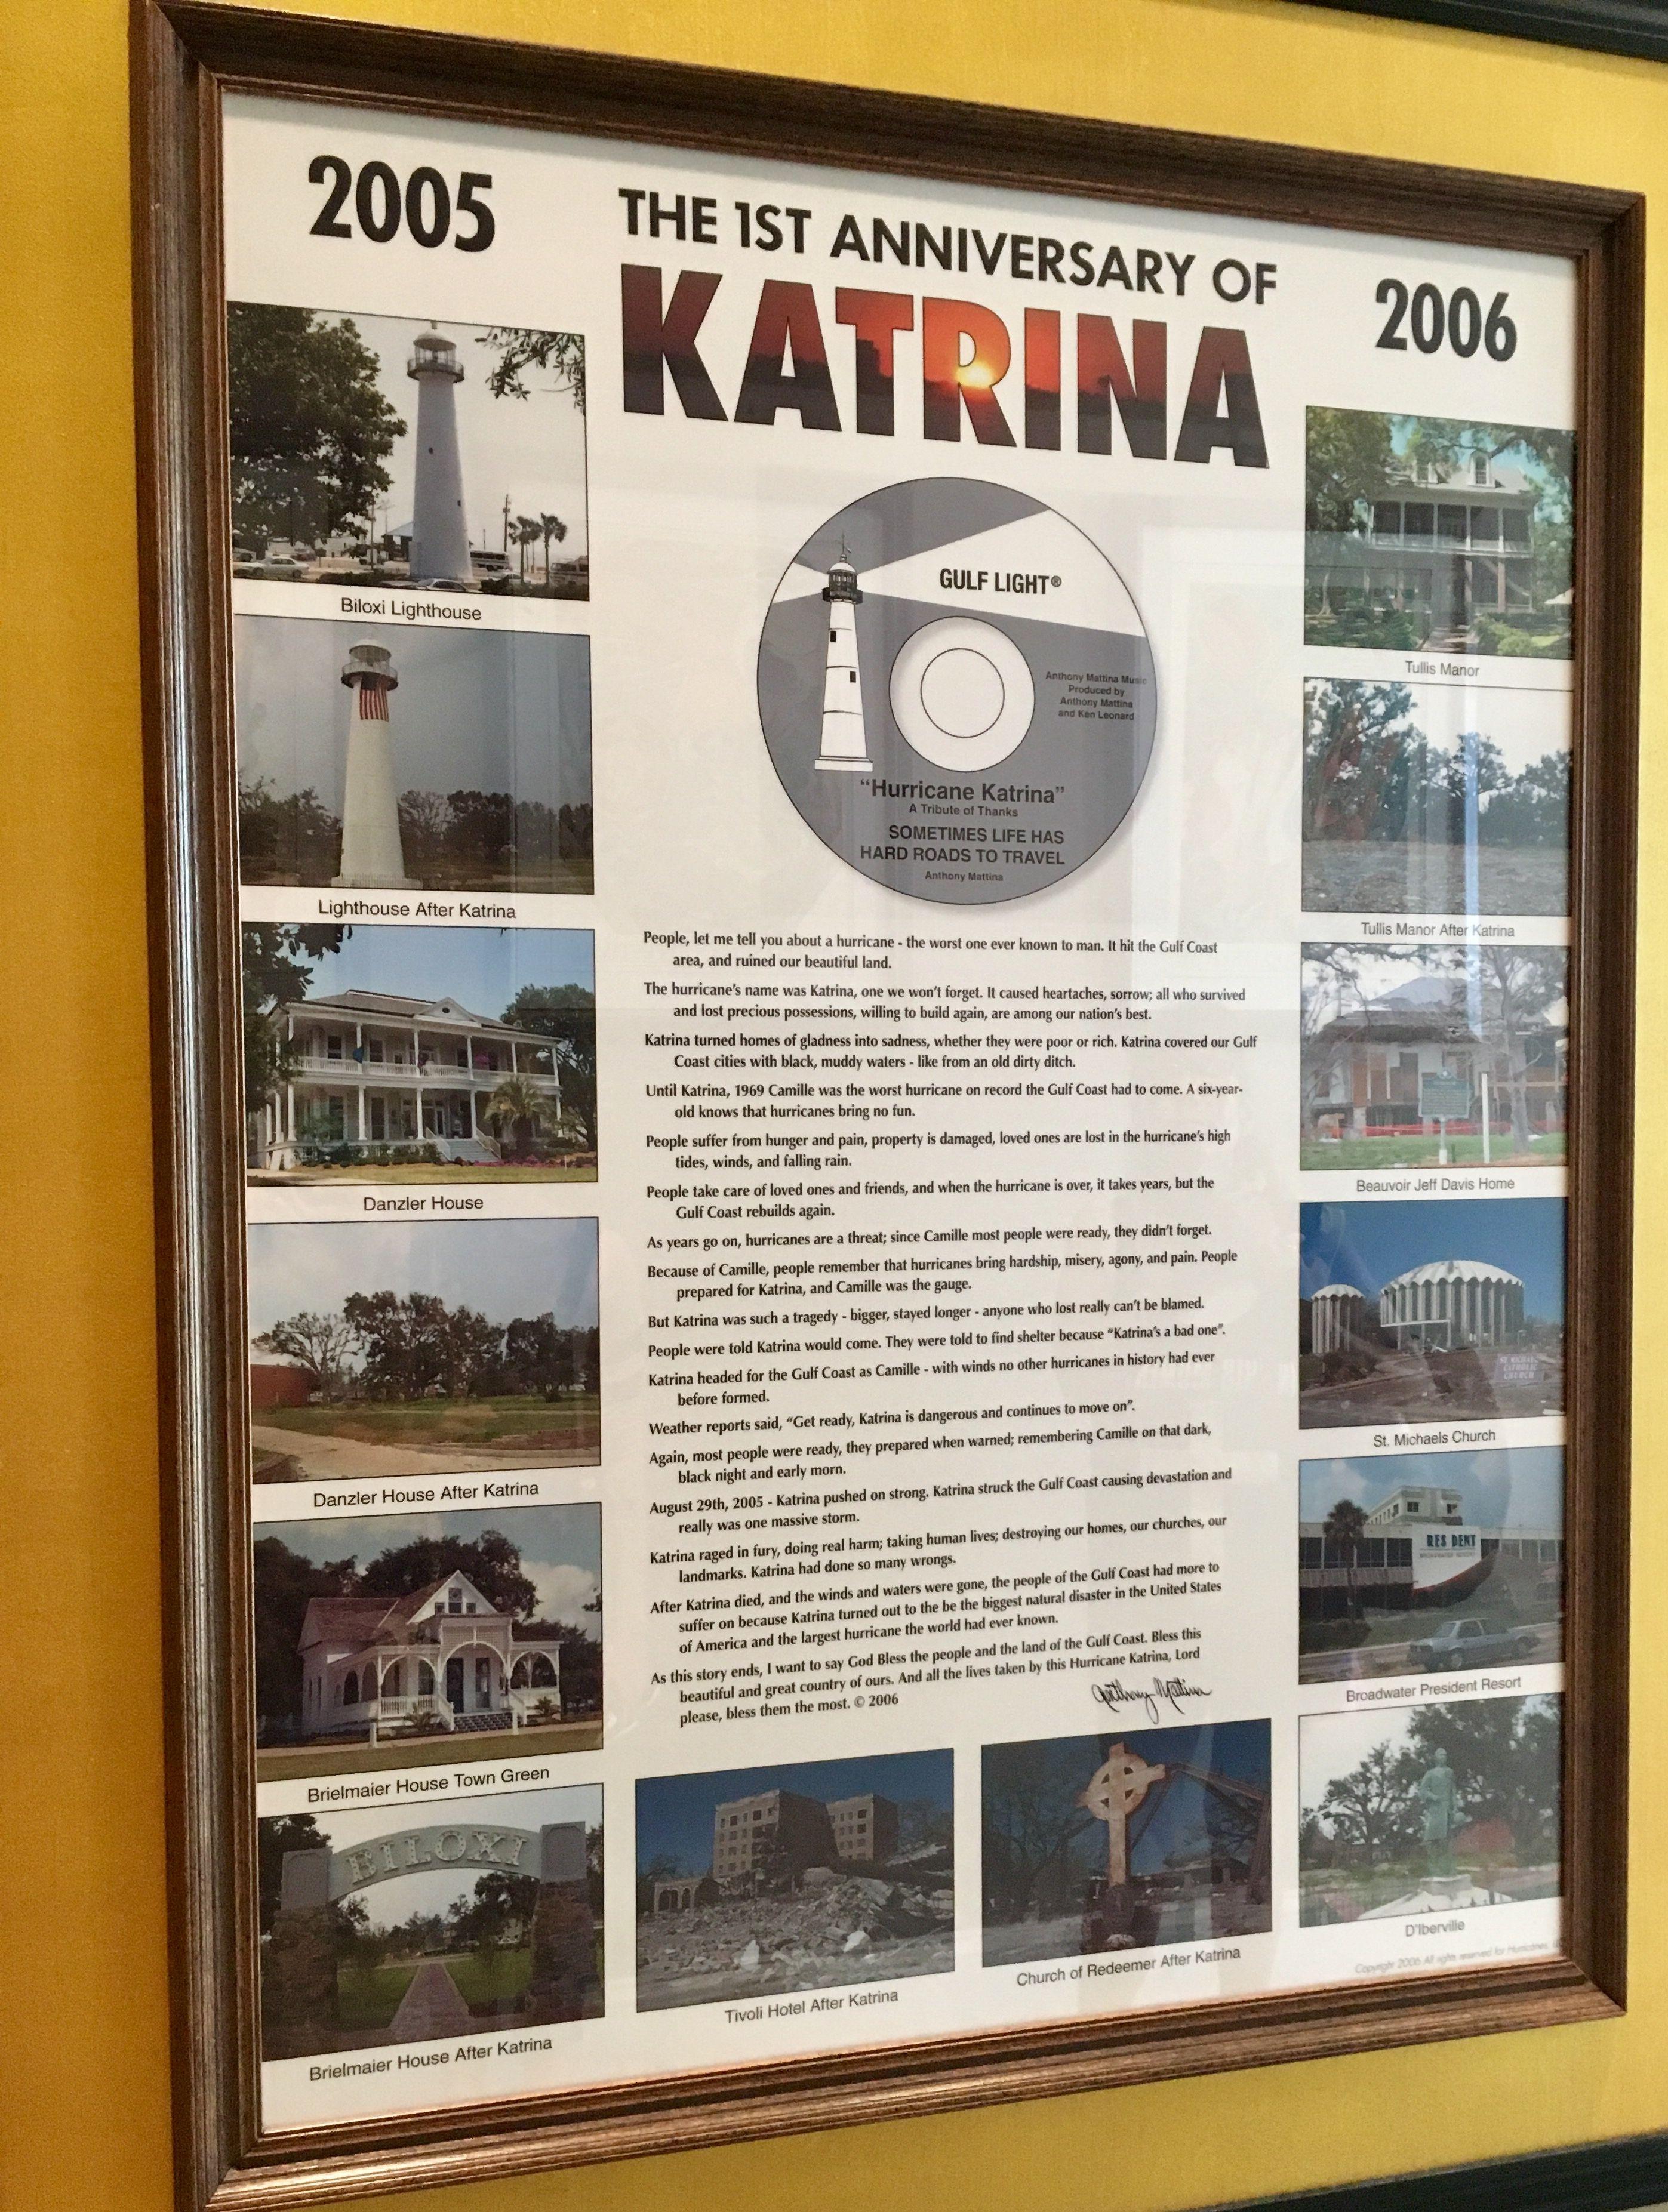 Pin on Katrina: my PTSD story